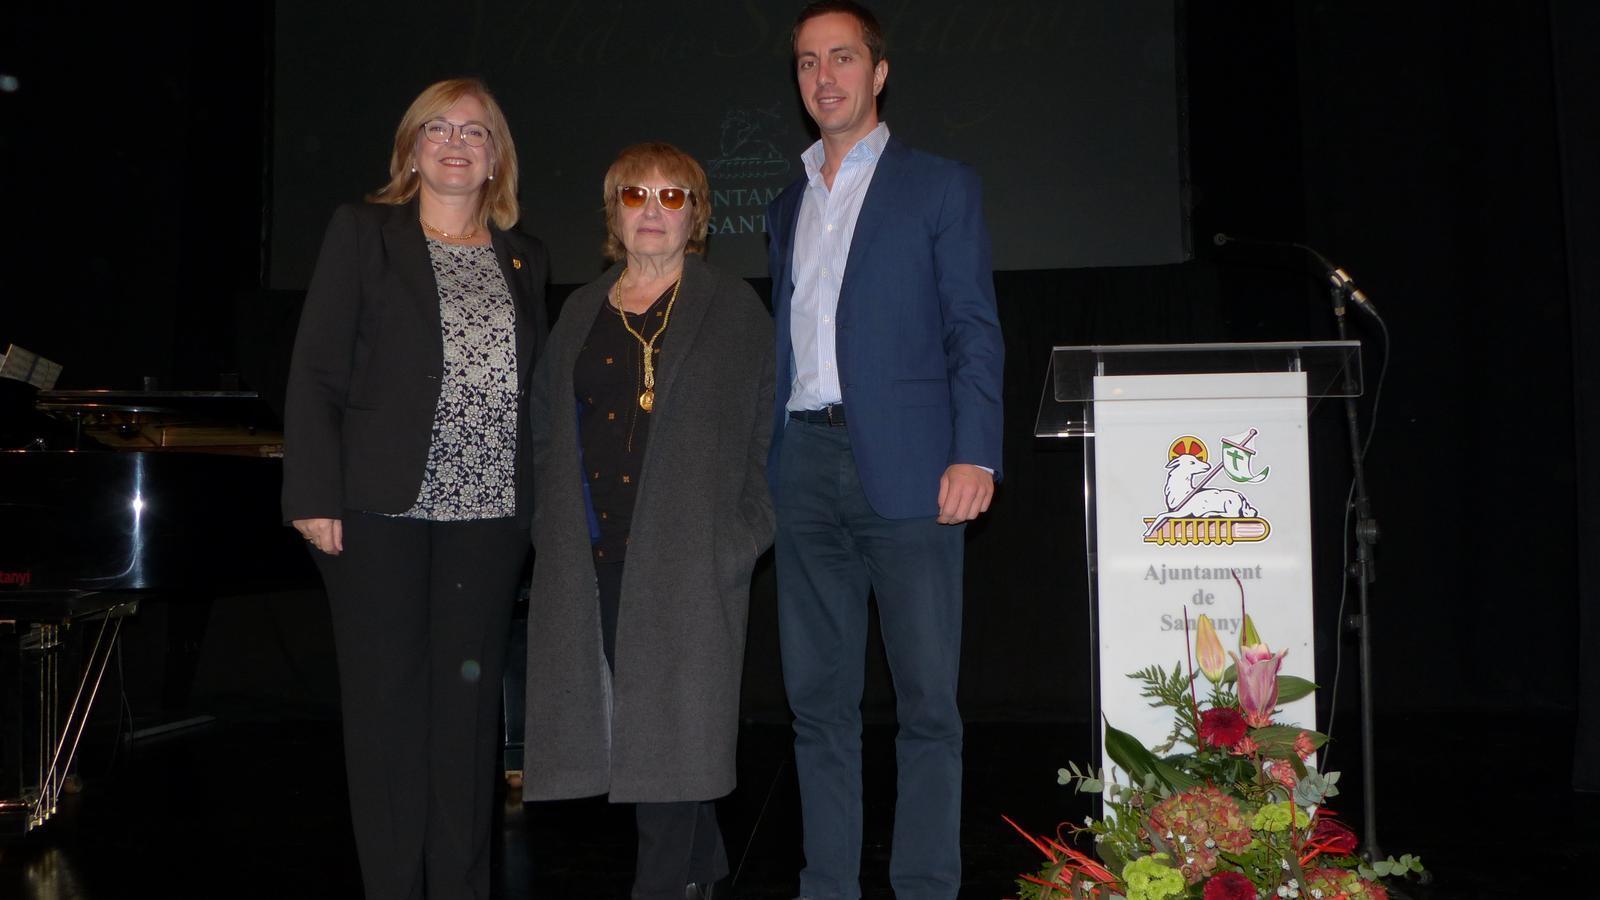 Antònia Vicens rep la Medalla d'Or de la Vila de Santanyí